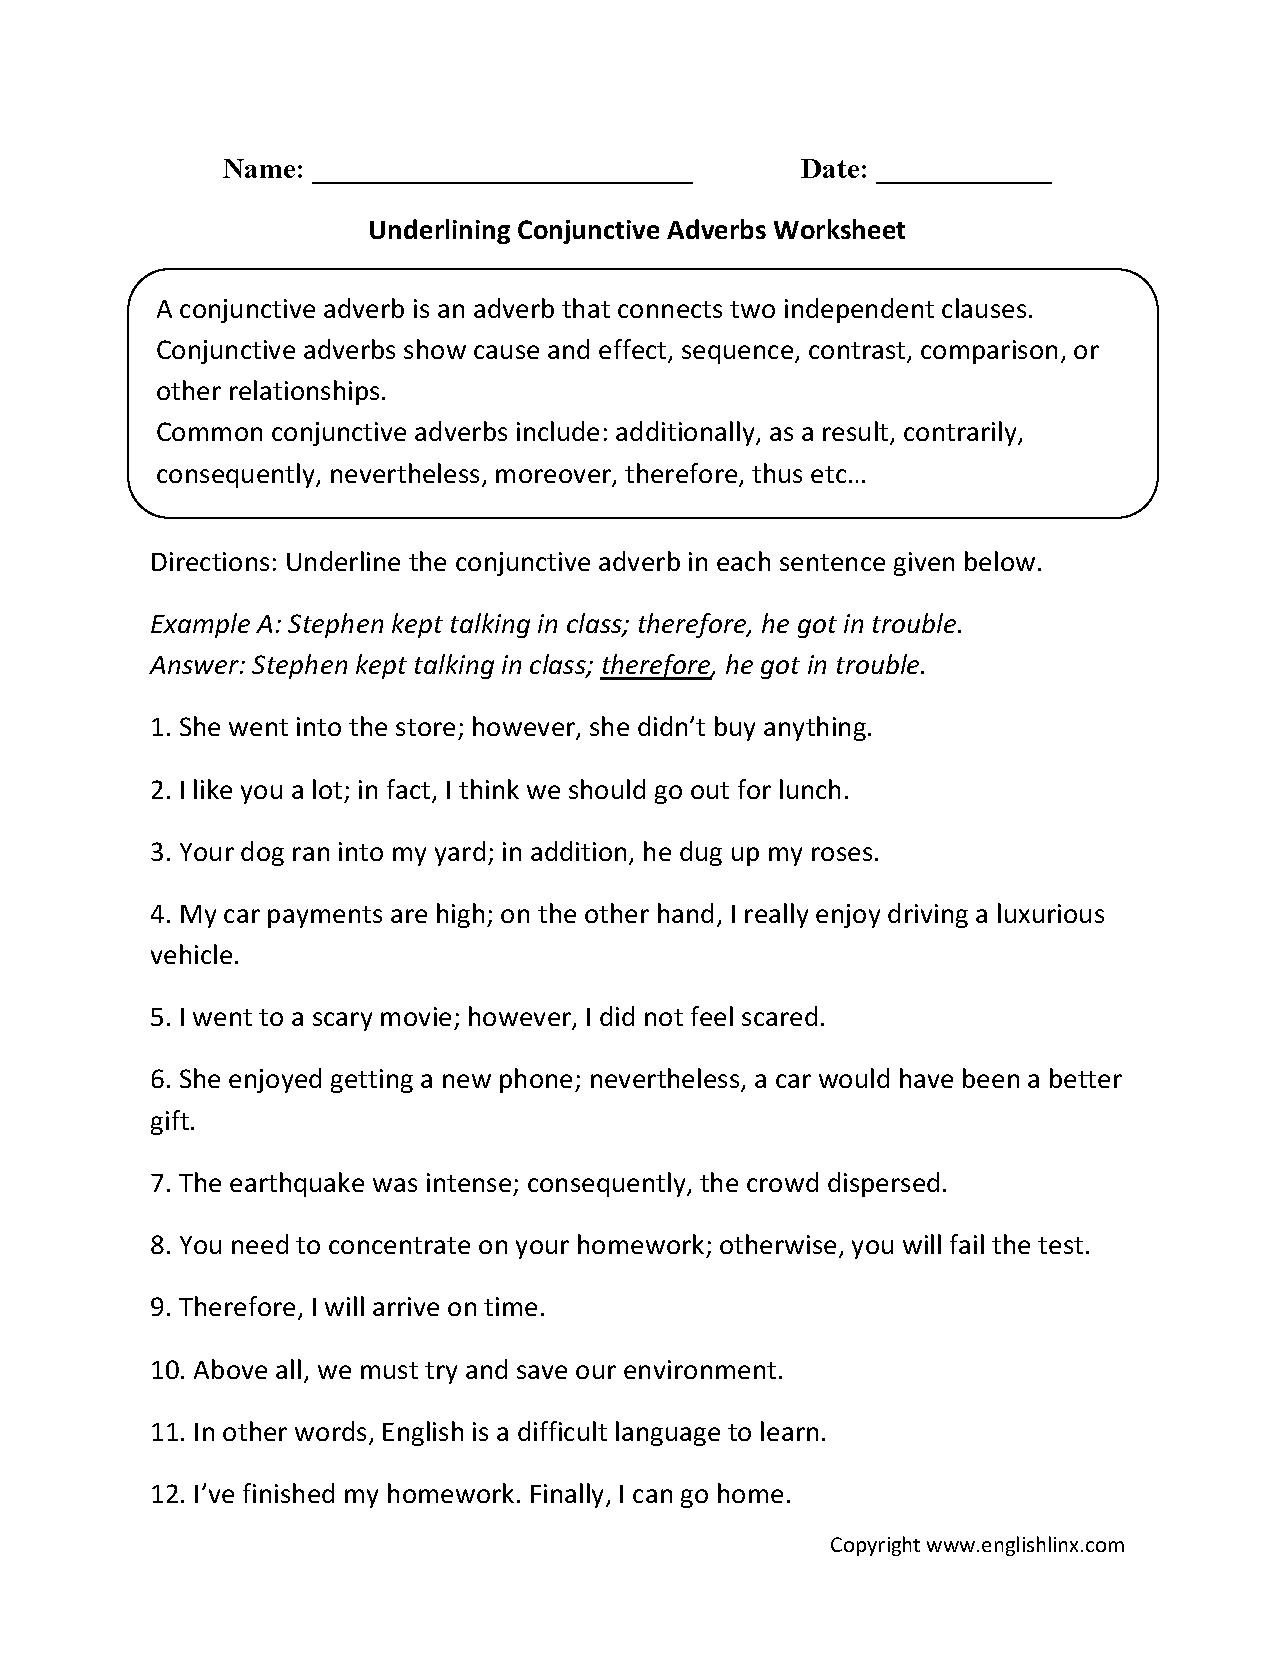 Underlining Conjunctive Adverbs Worksheet